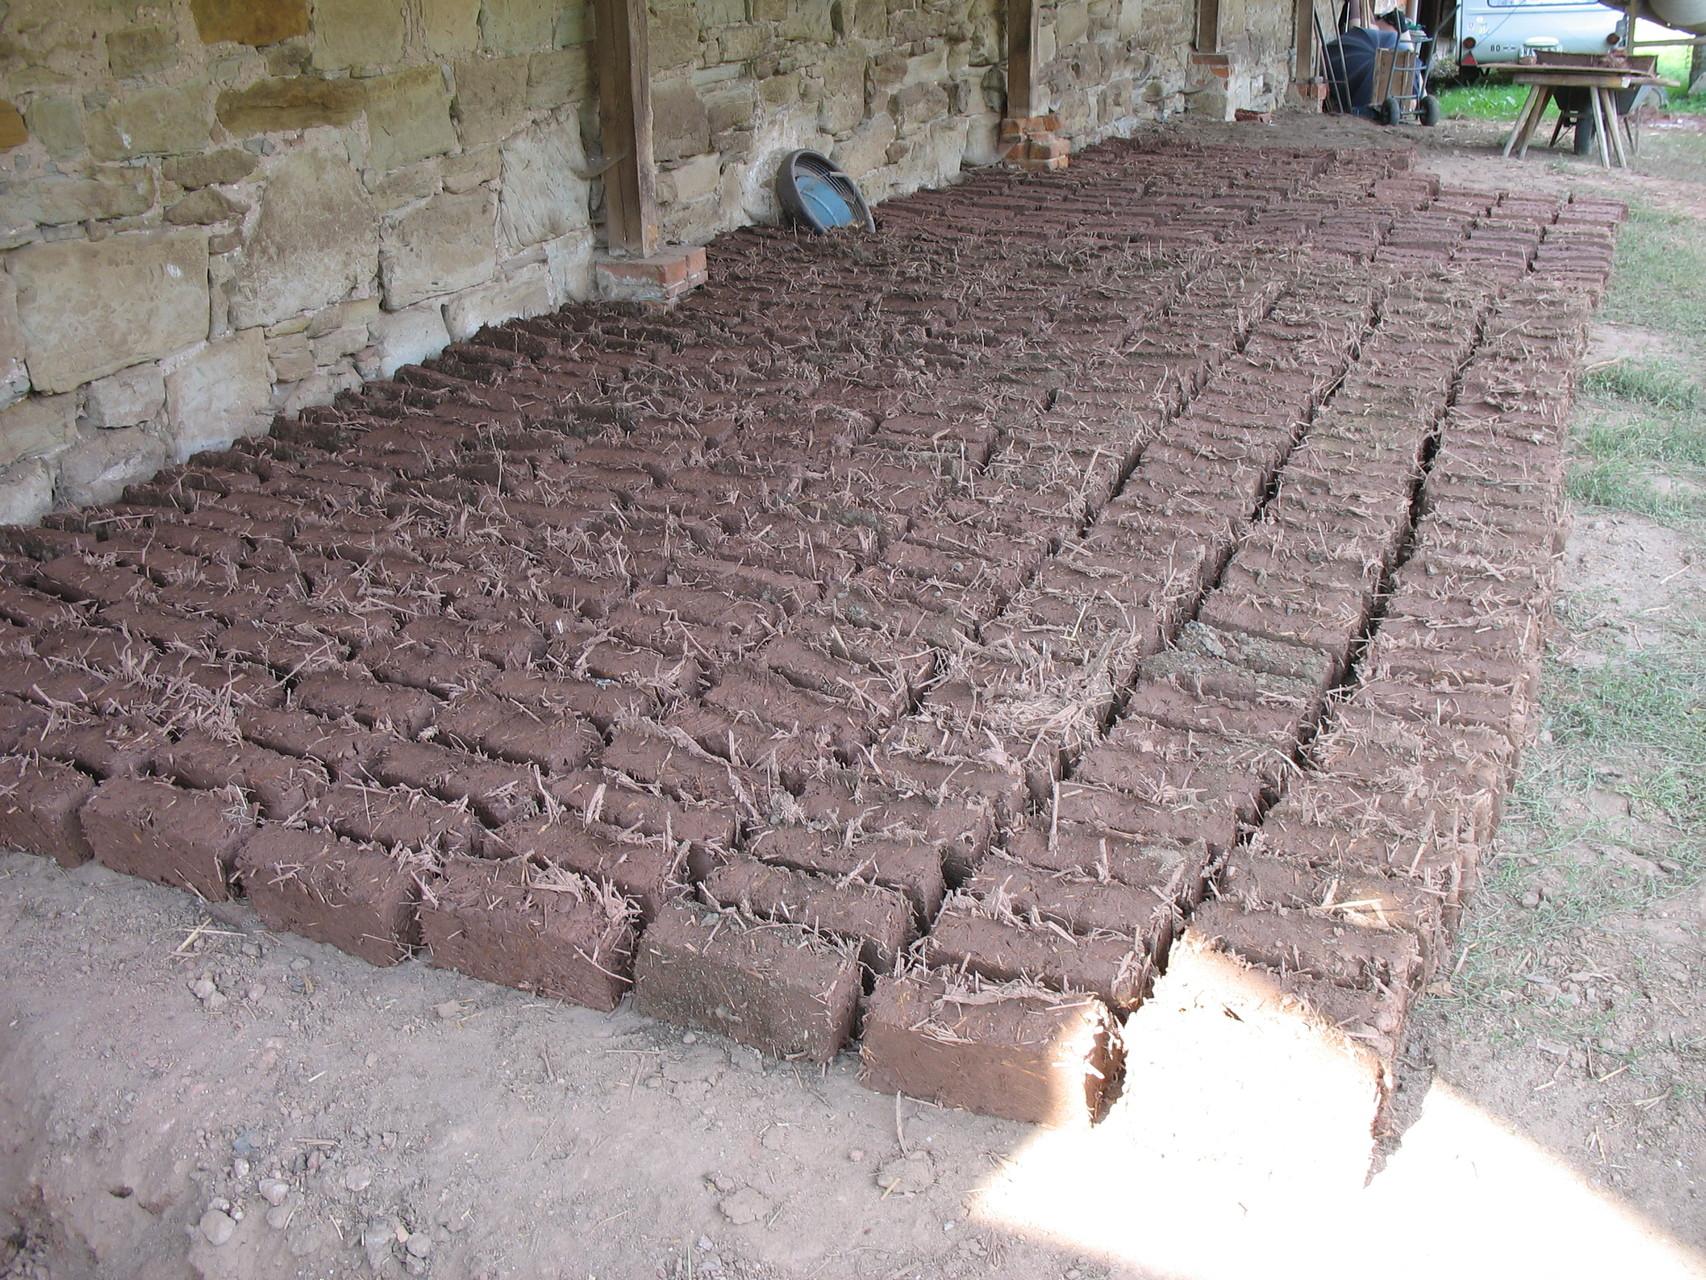 Lehmziegelproduktion